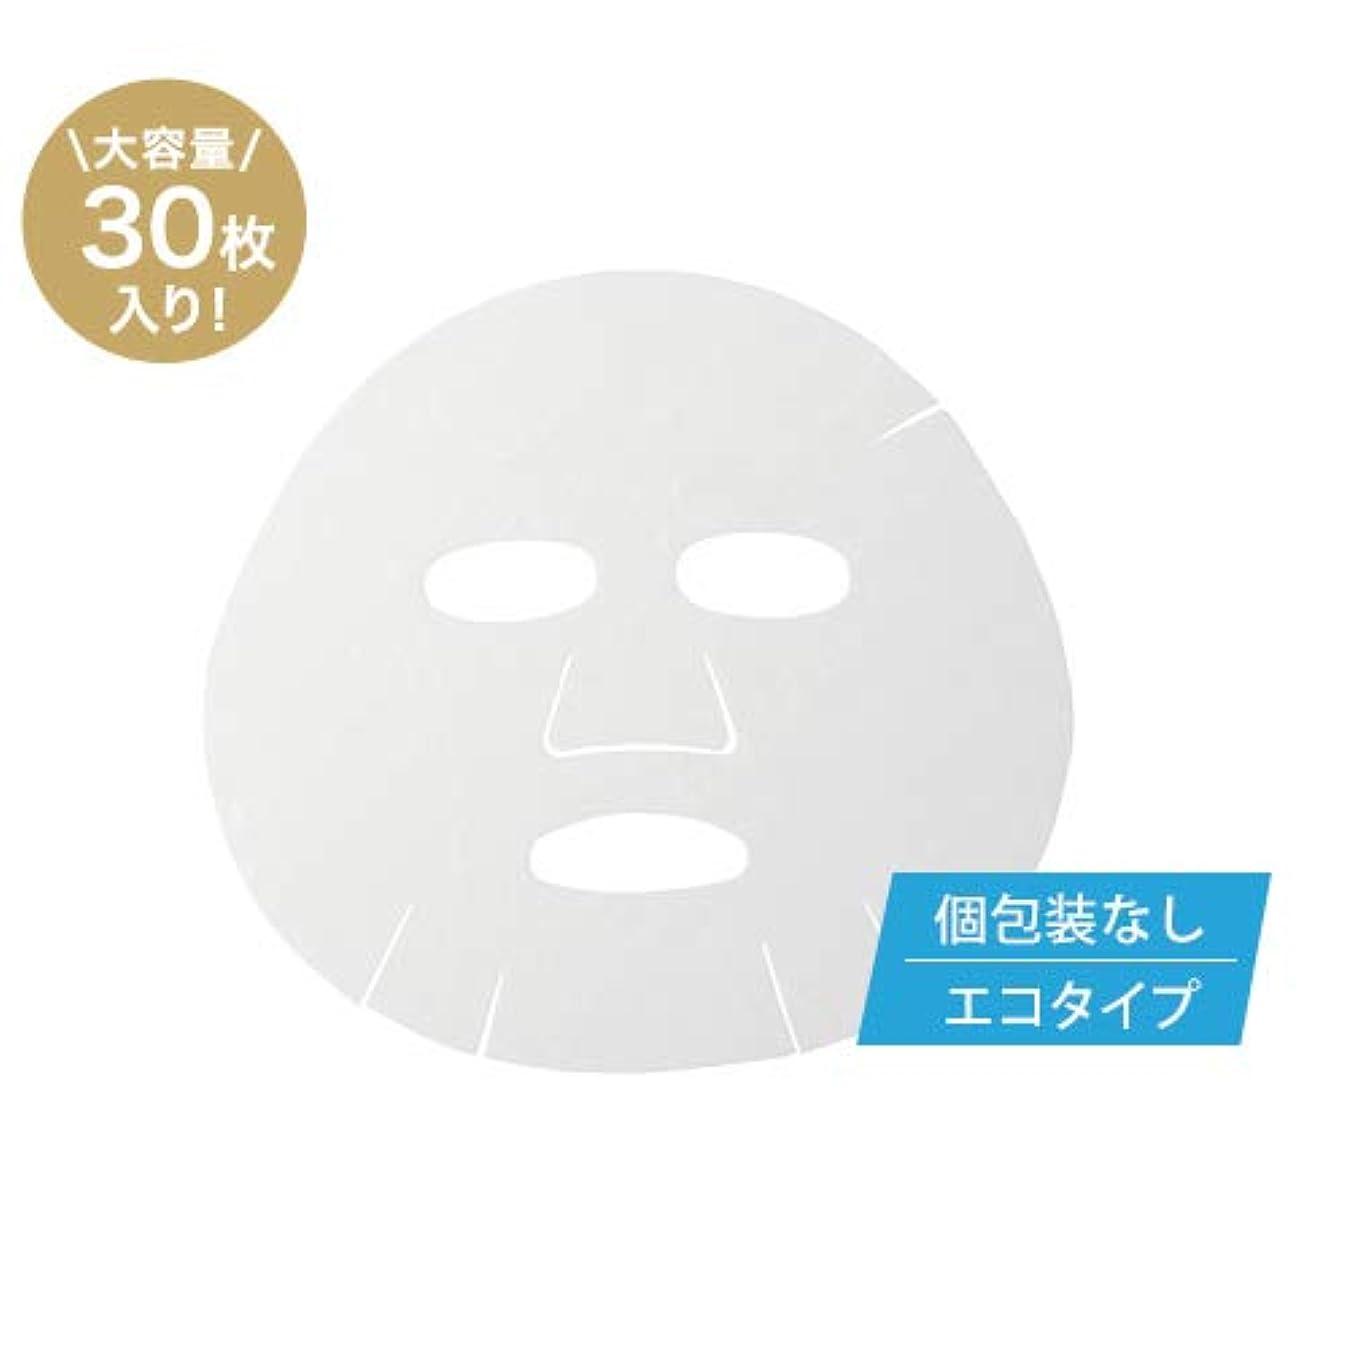 食事を調理する固体ドキドキMAMEW エッセンスシートマスク(個包装無し?大容量タイプ)-日本製の顔パック-毛穴を引き締める?保湿効果?くすみ?しわ対策におすすめ?お肌しっとり-EGF配合-お得な30枚セット